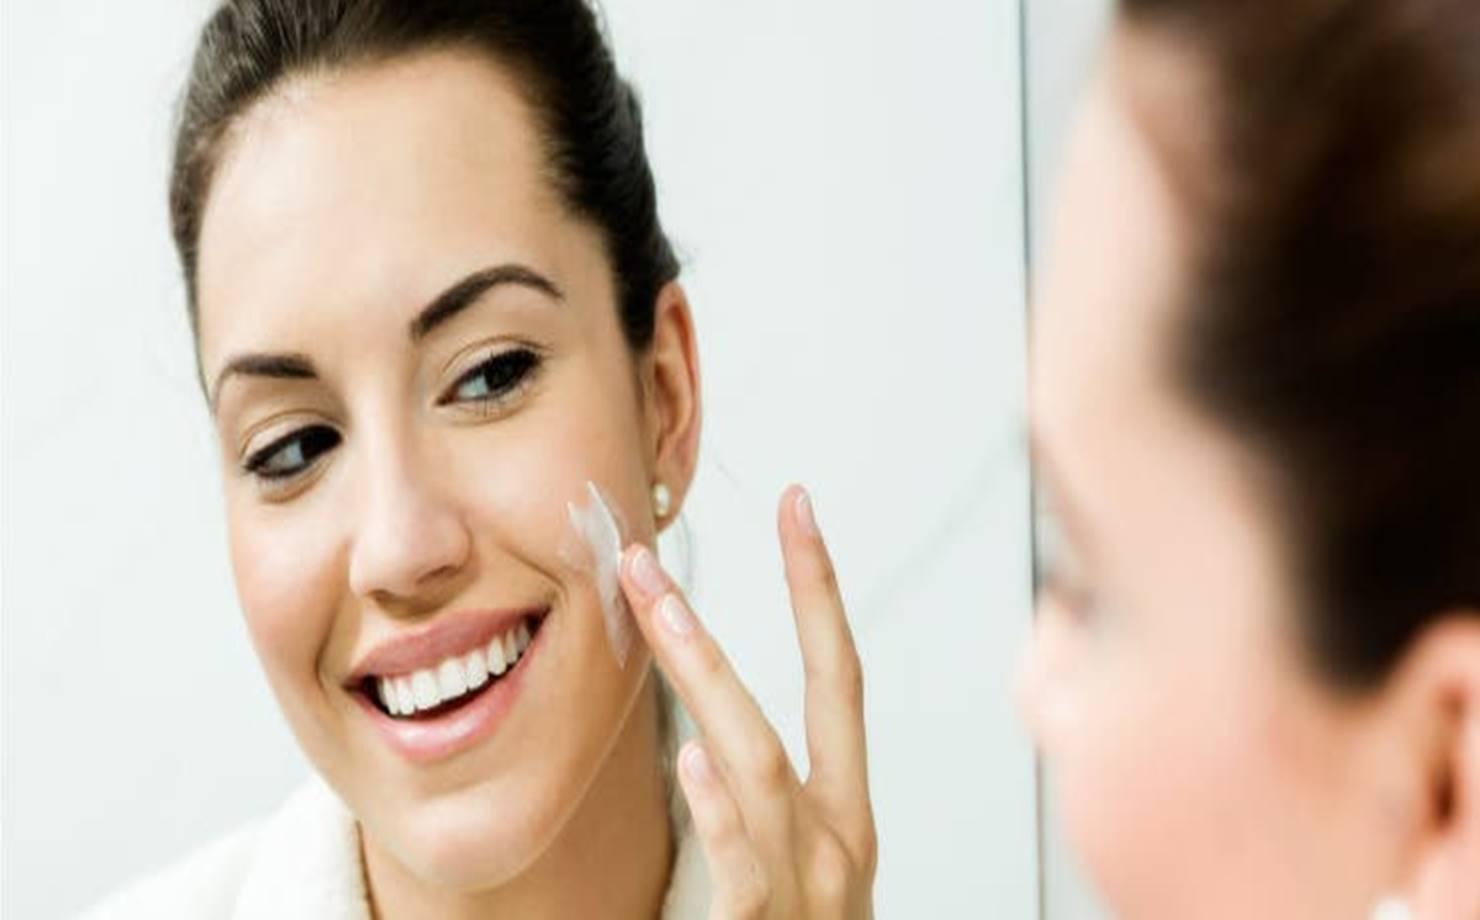 Obtenha uma pele mais firme com este creme firmador facial caseiro